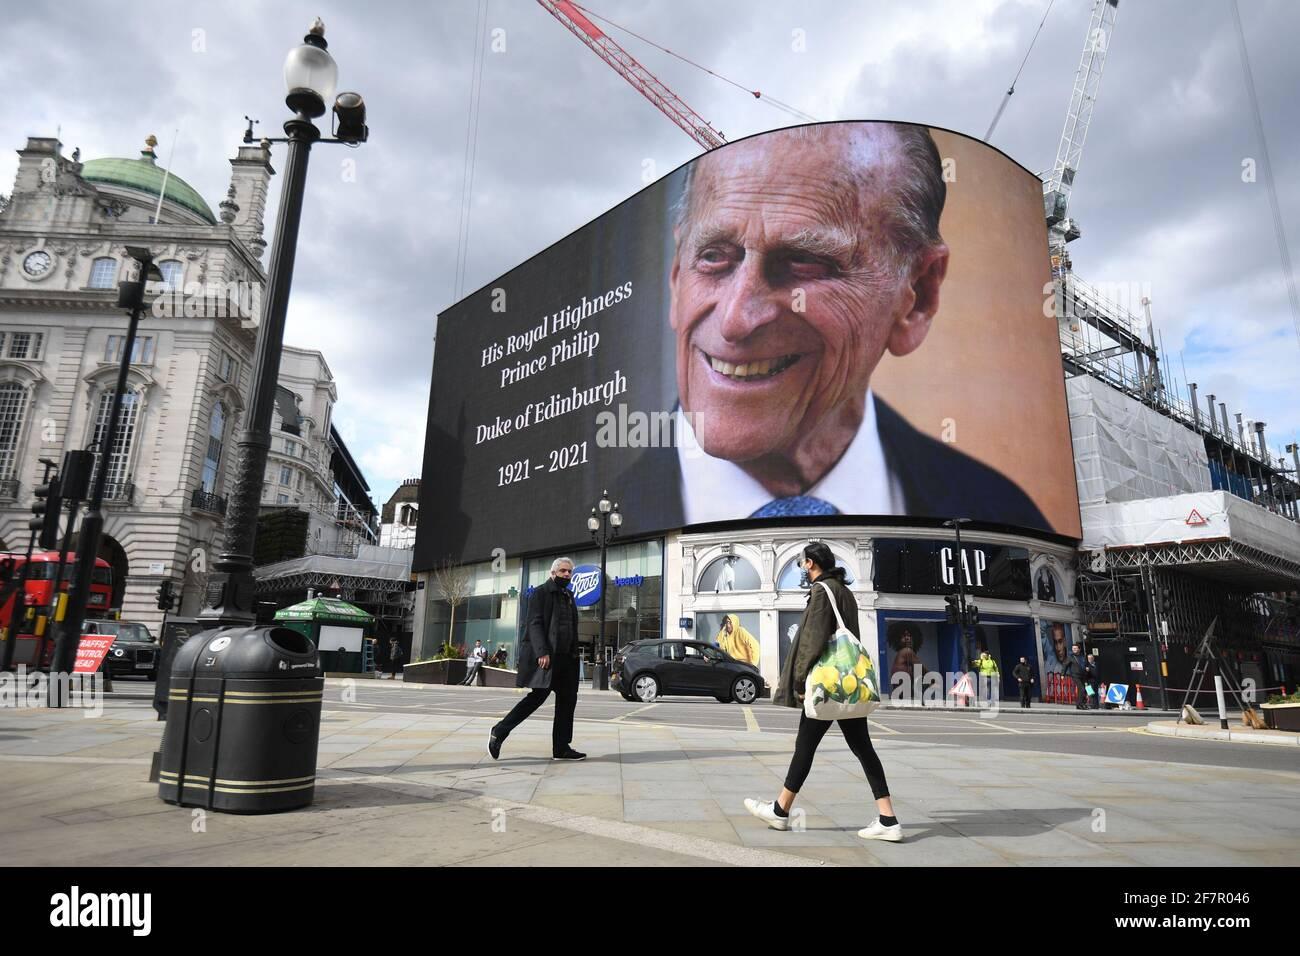 Eine Hommage an den Herzog von Edinburgh, die 24 Stunden lang gezeigt wird, wird nach der Ankündigung seines Todes im Alter von 99 Jahren im Piccadilly Lights im Zentrum von London ausgestellt. Bilddatum: Freitag, 9. April 2021. Stockfoto